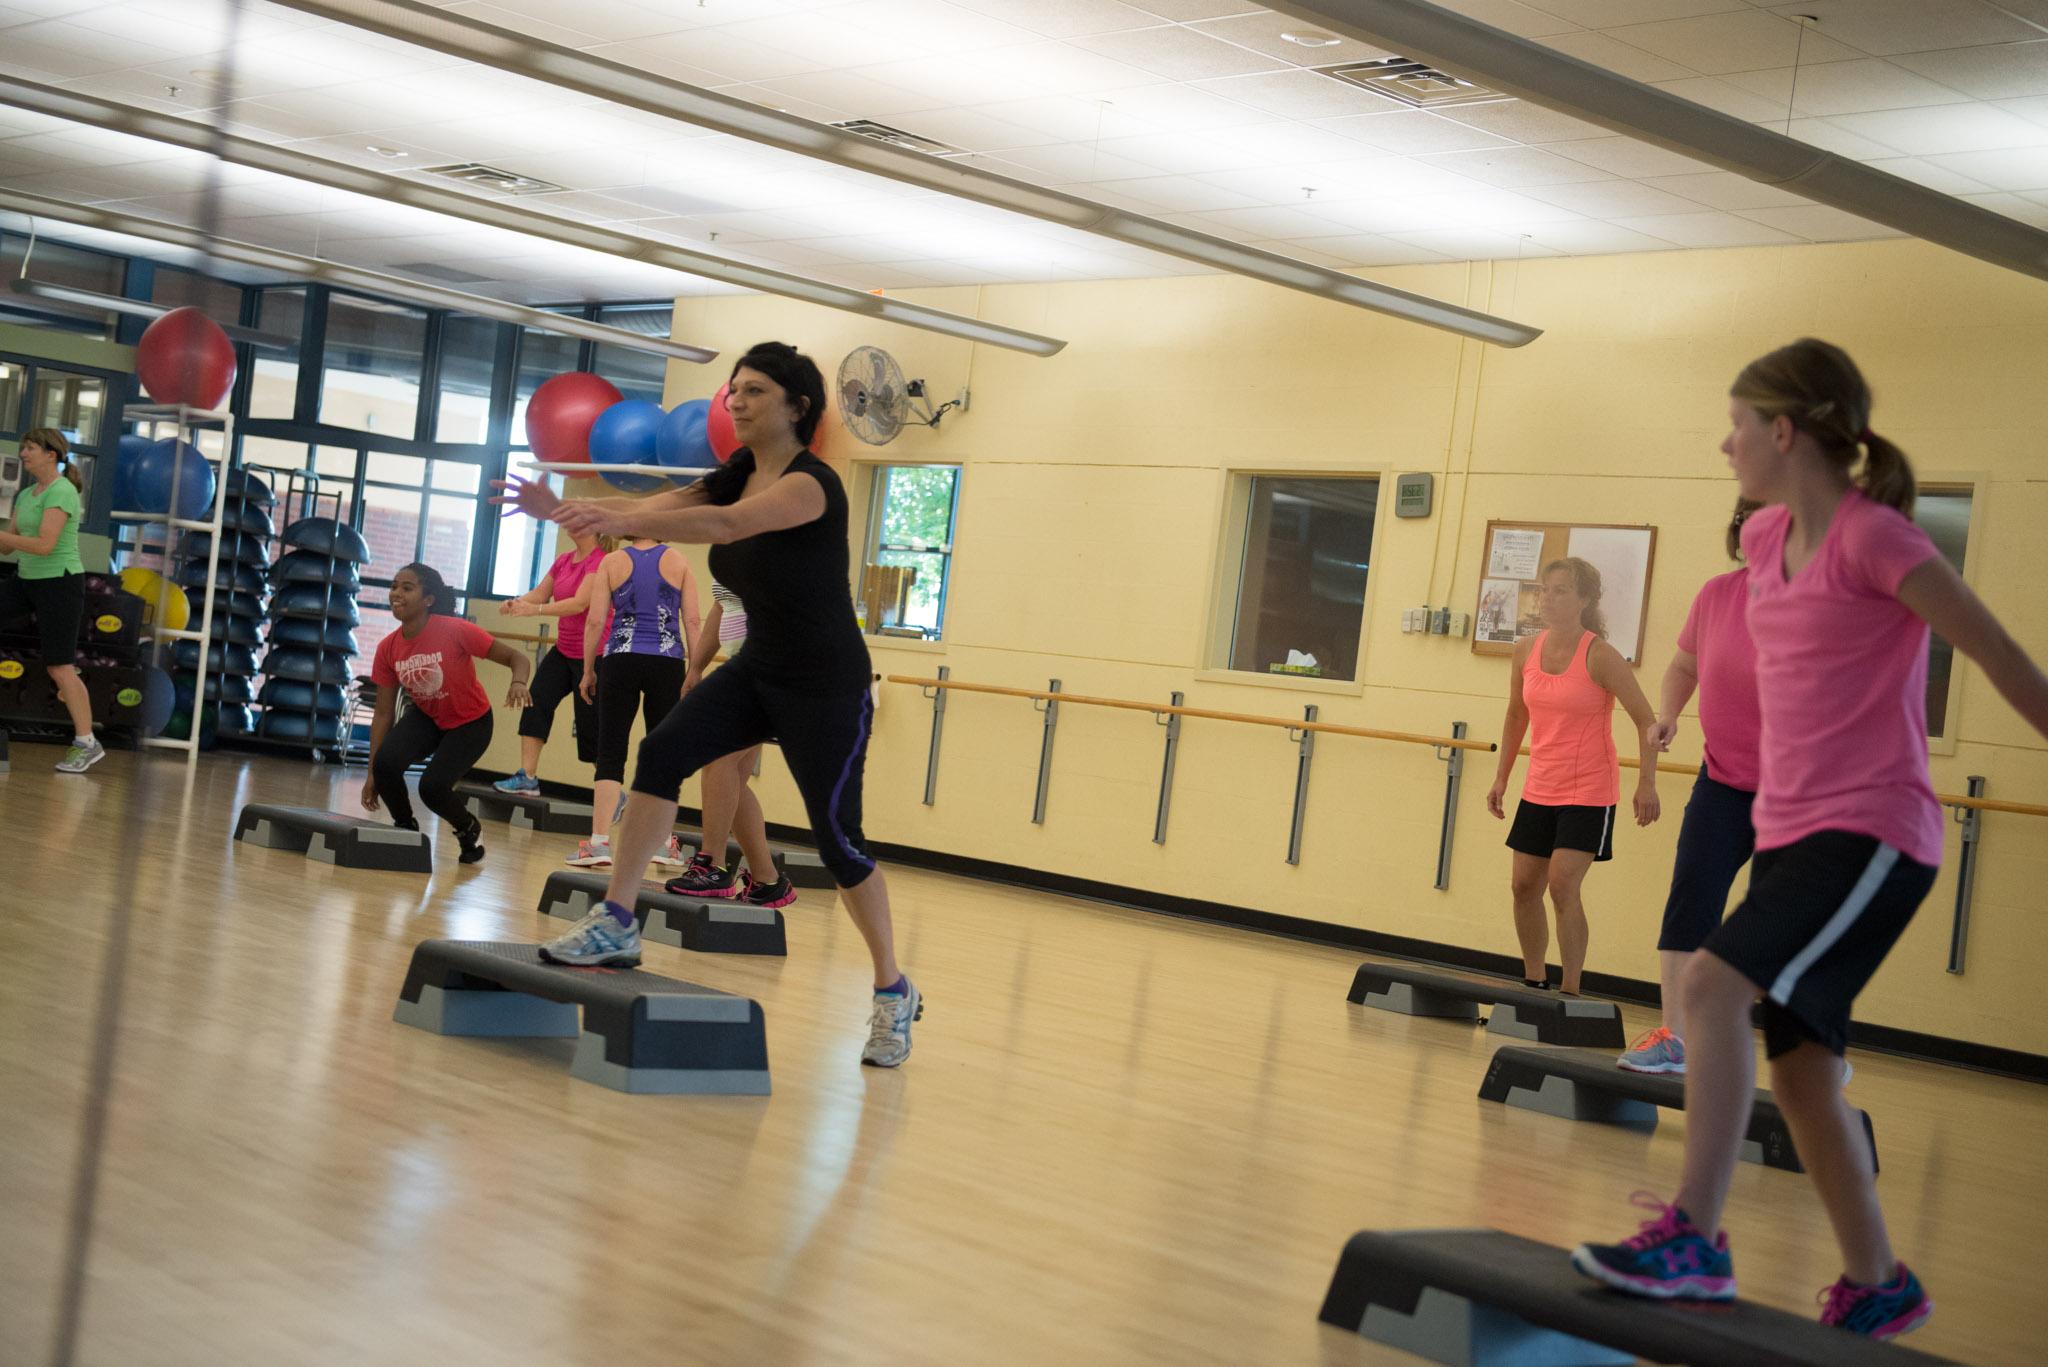 Wellness Center Stock Photos-1413.jpg